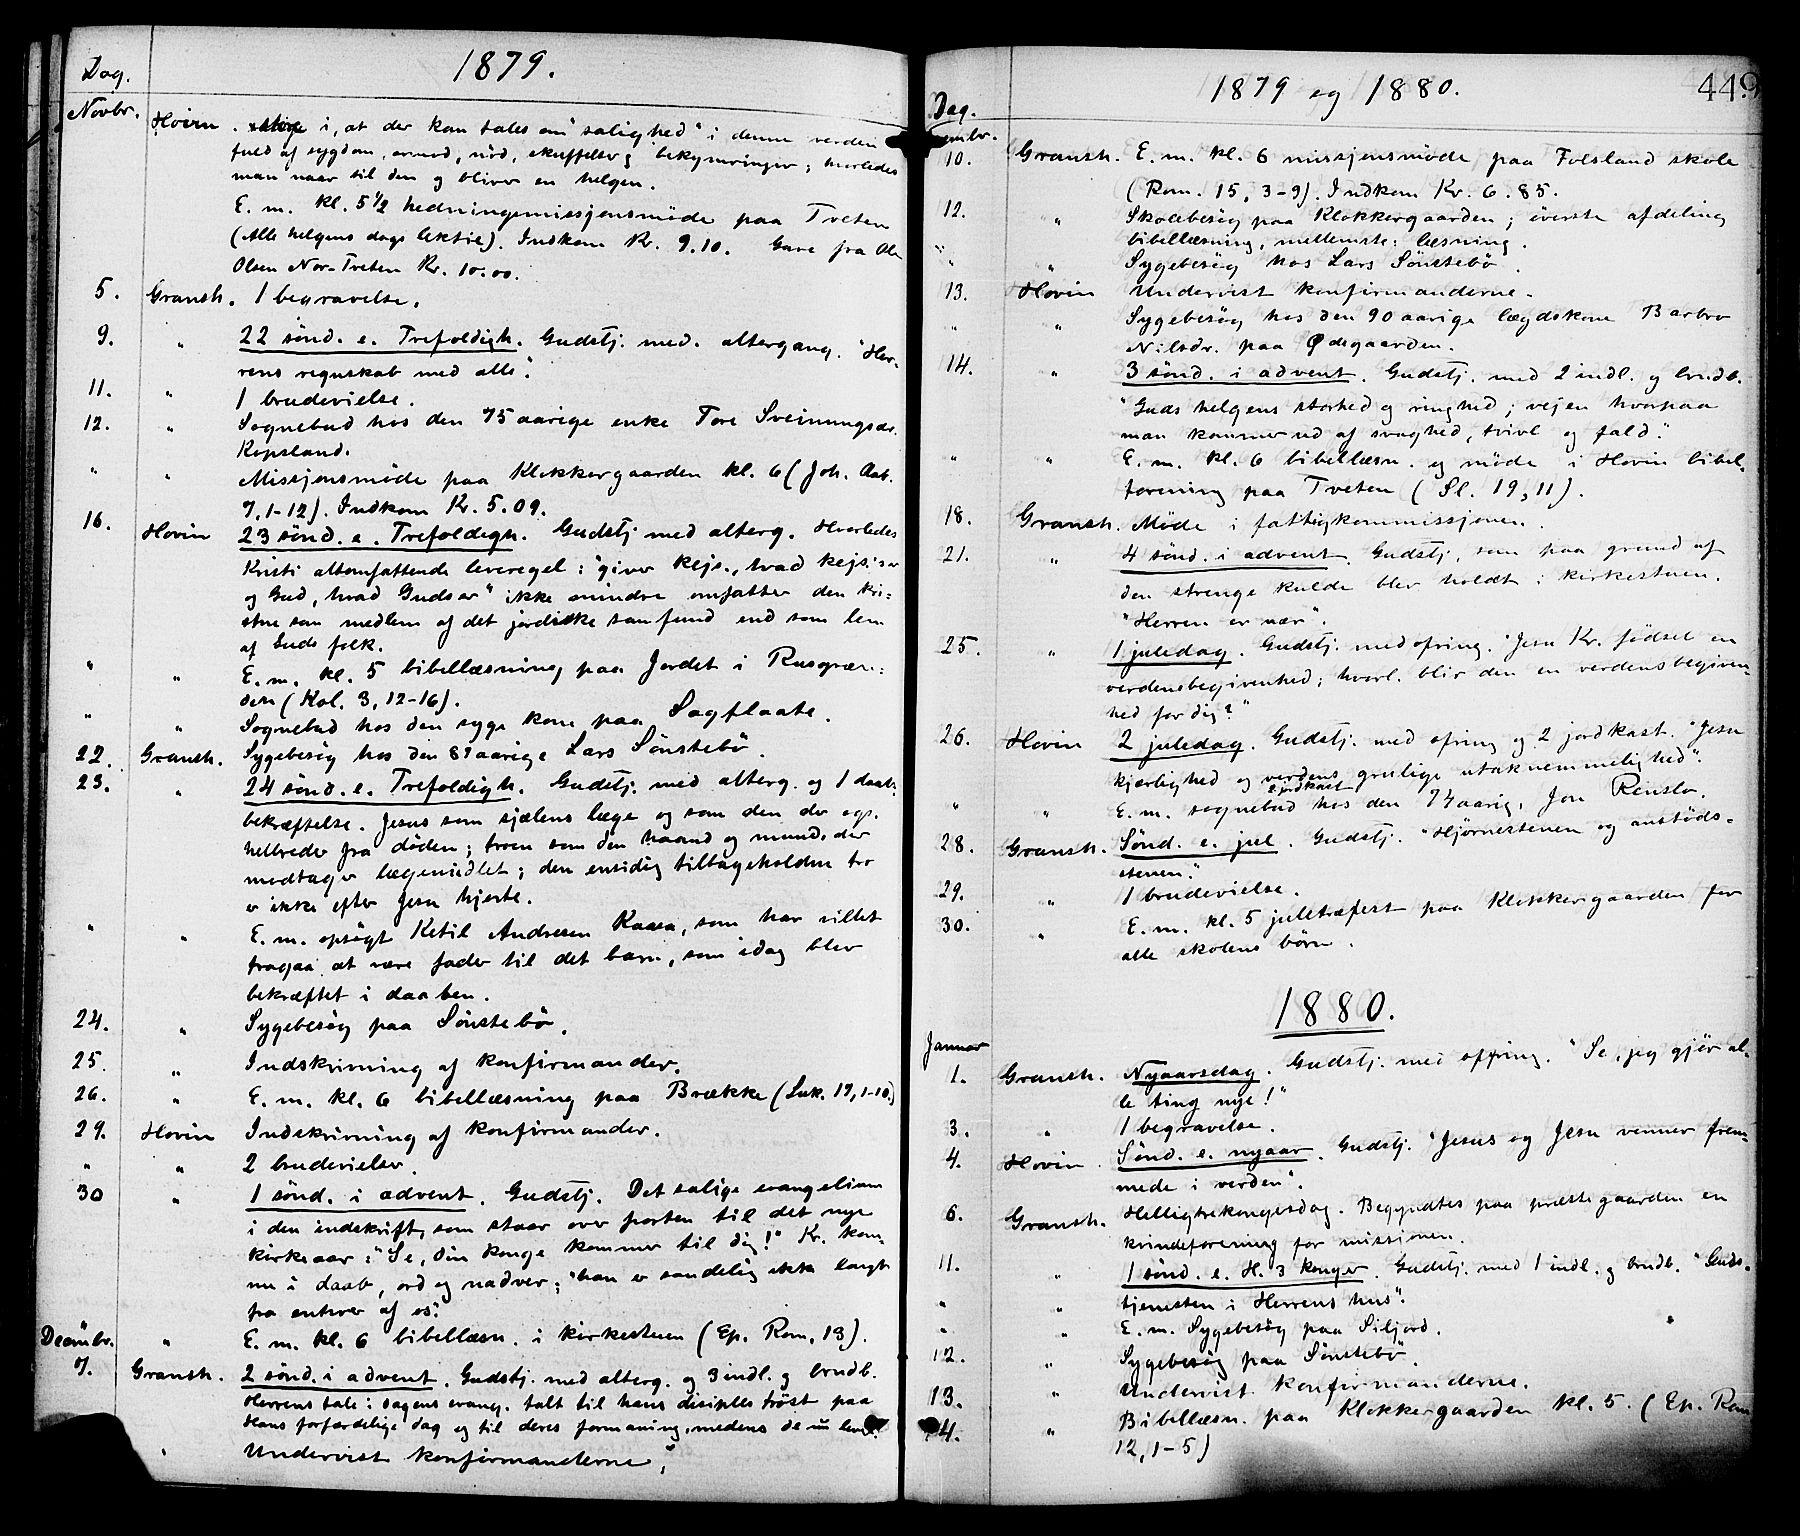 SAKO, Gransherad kirkebøker, F/Fa/L0004: Ministerialbok nr. I 4, 1871-1886, s. 449